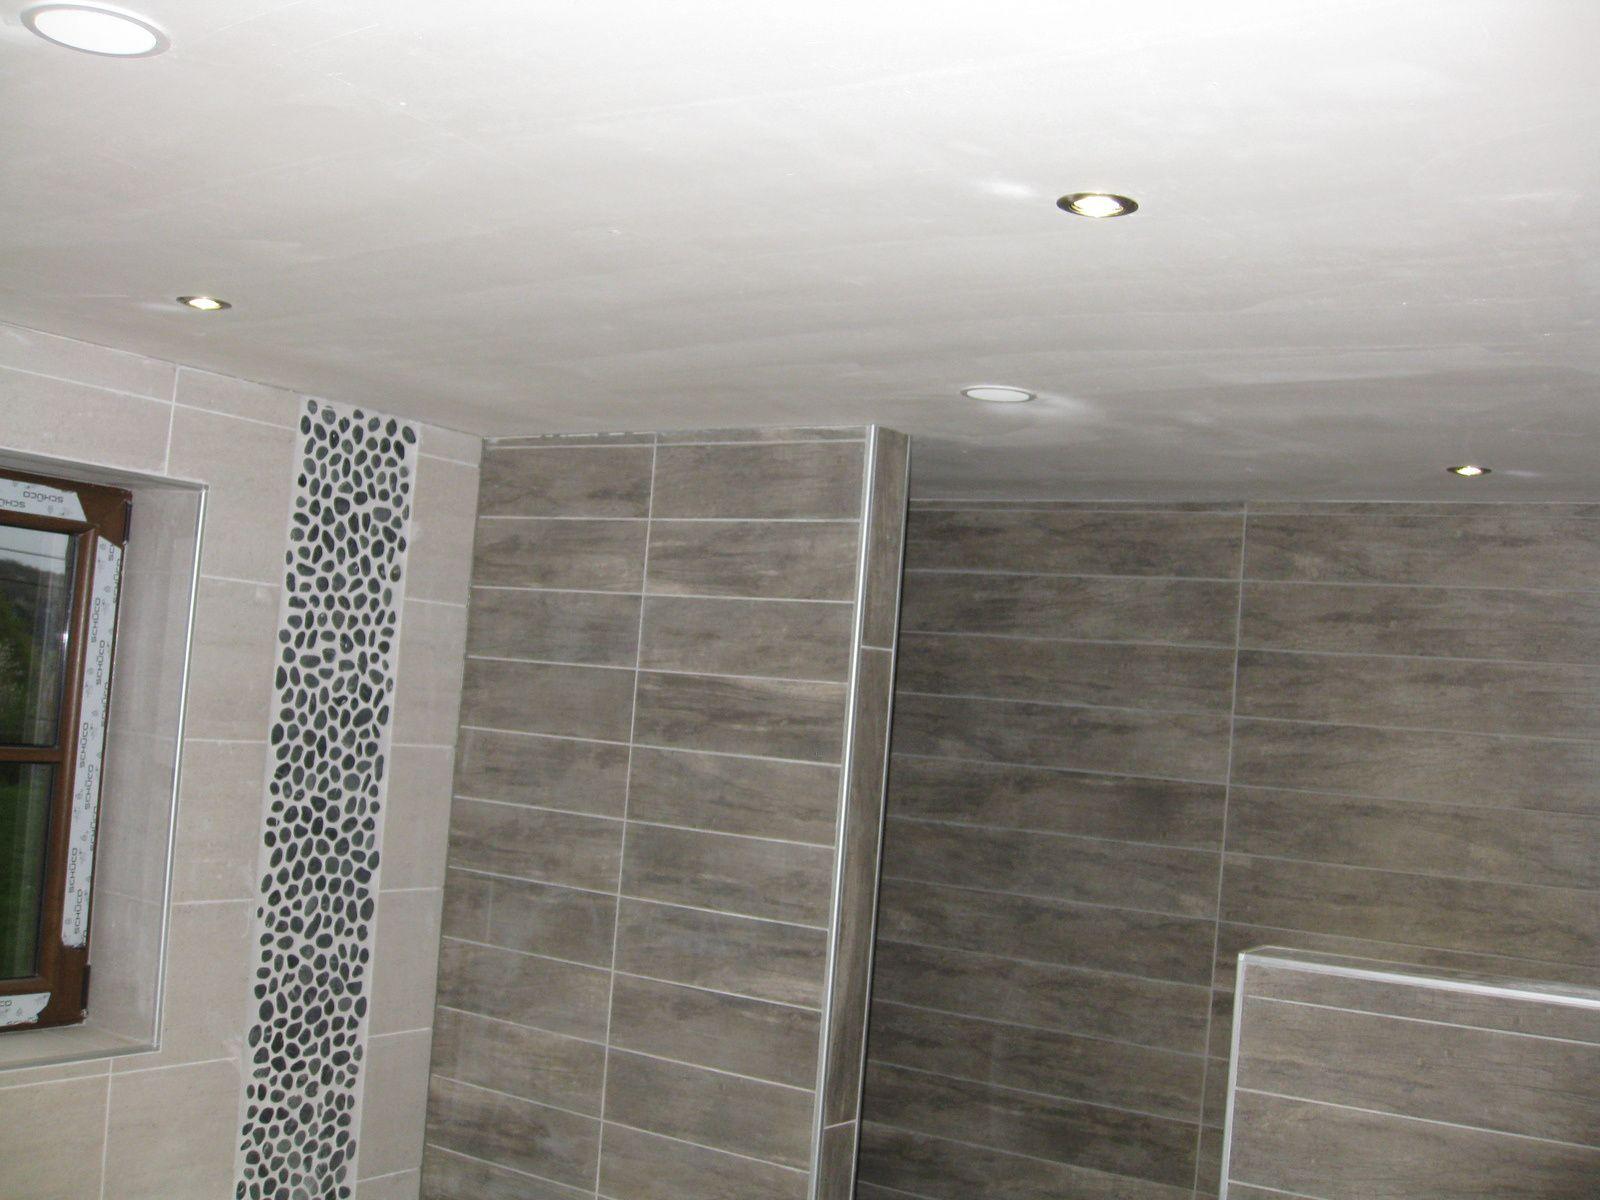 Montage salle de bain notre construction for Construction salle de bain